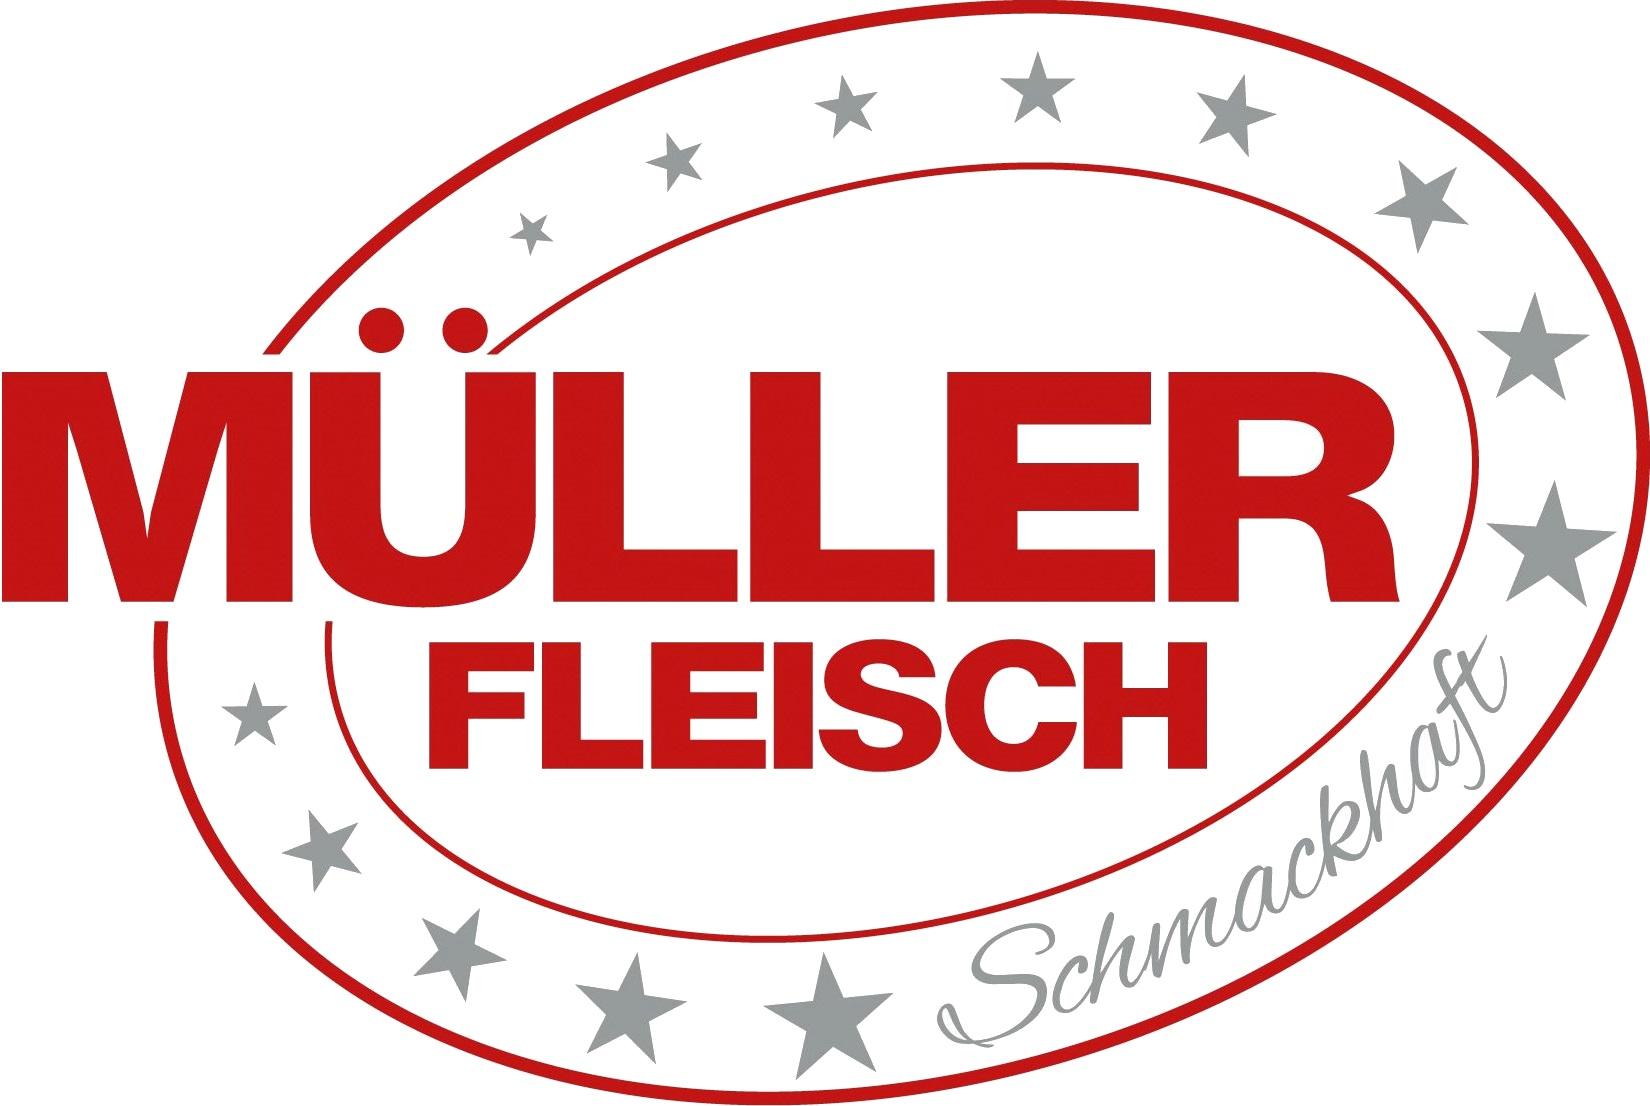 Müller Fleisch Code eingeben